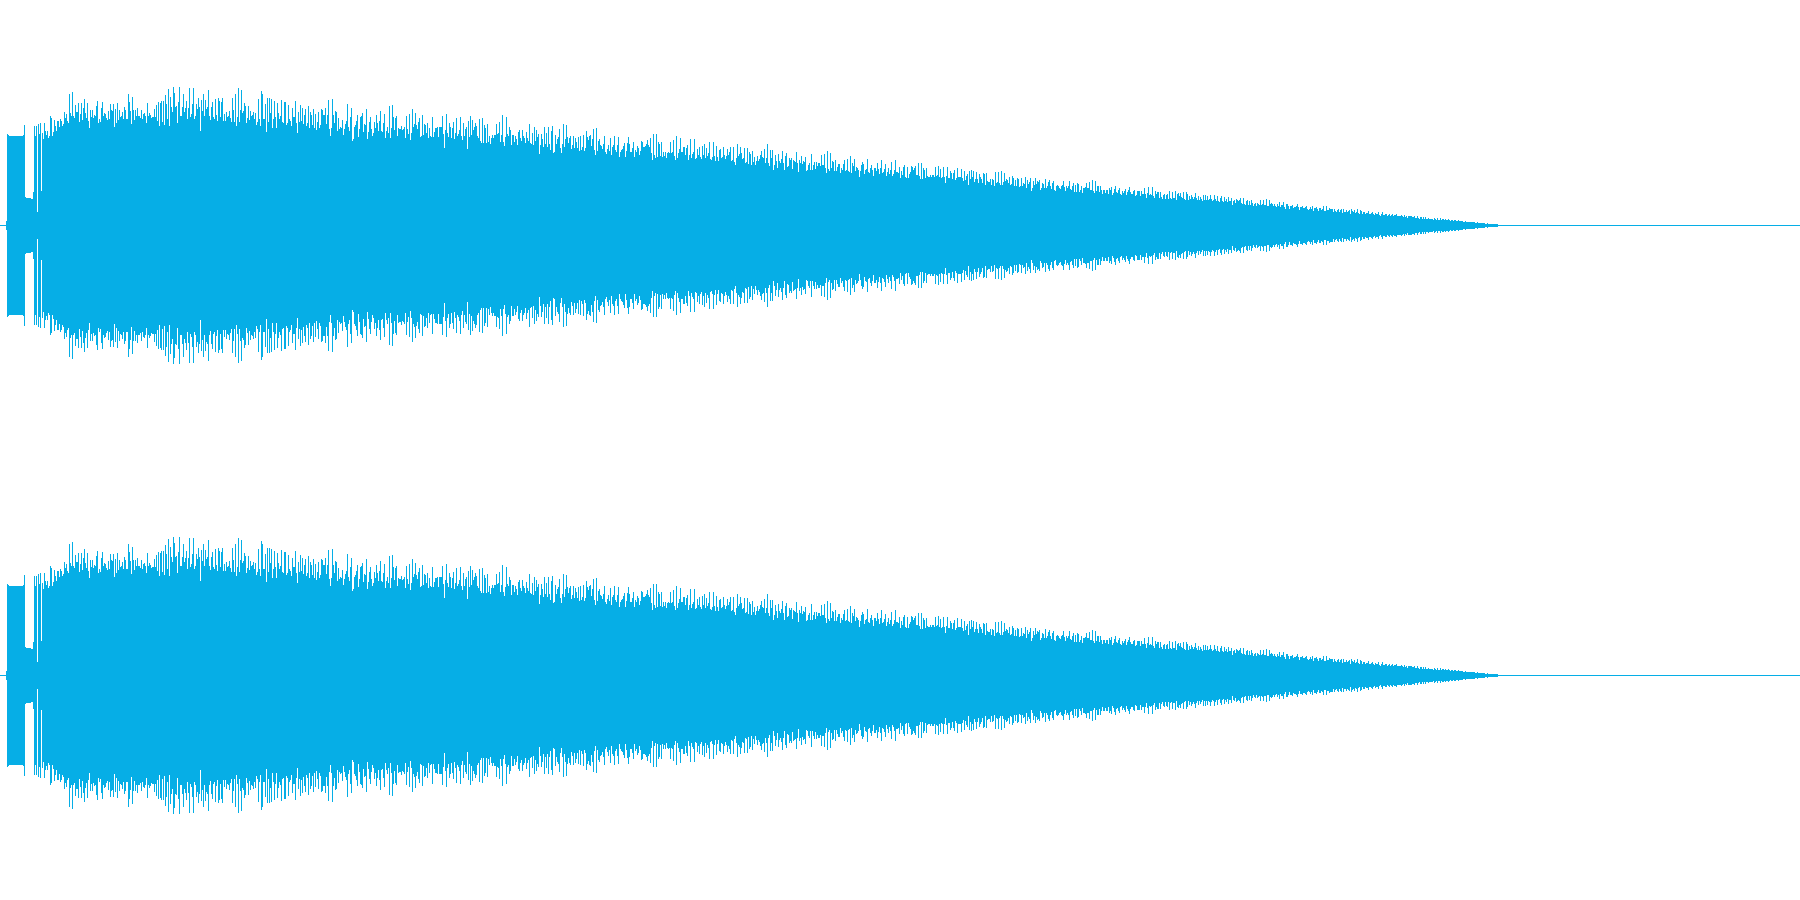 レトロゲーム風レーザーショット2の再生済みの波形